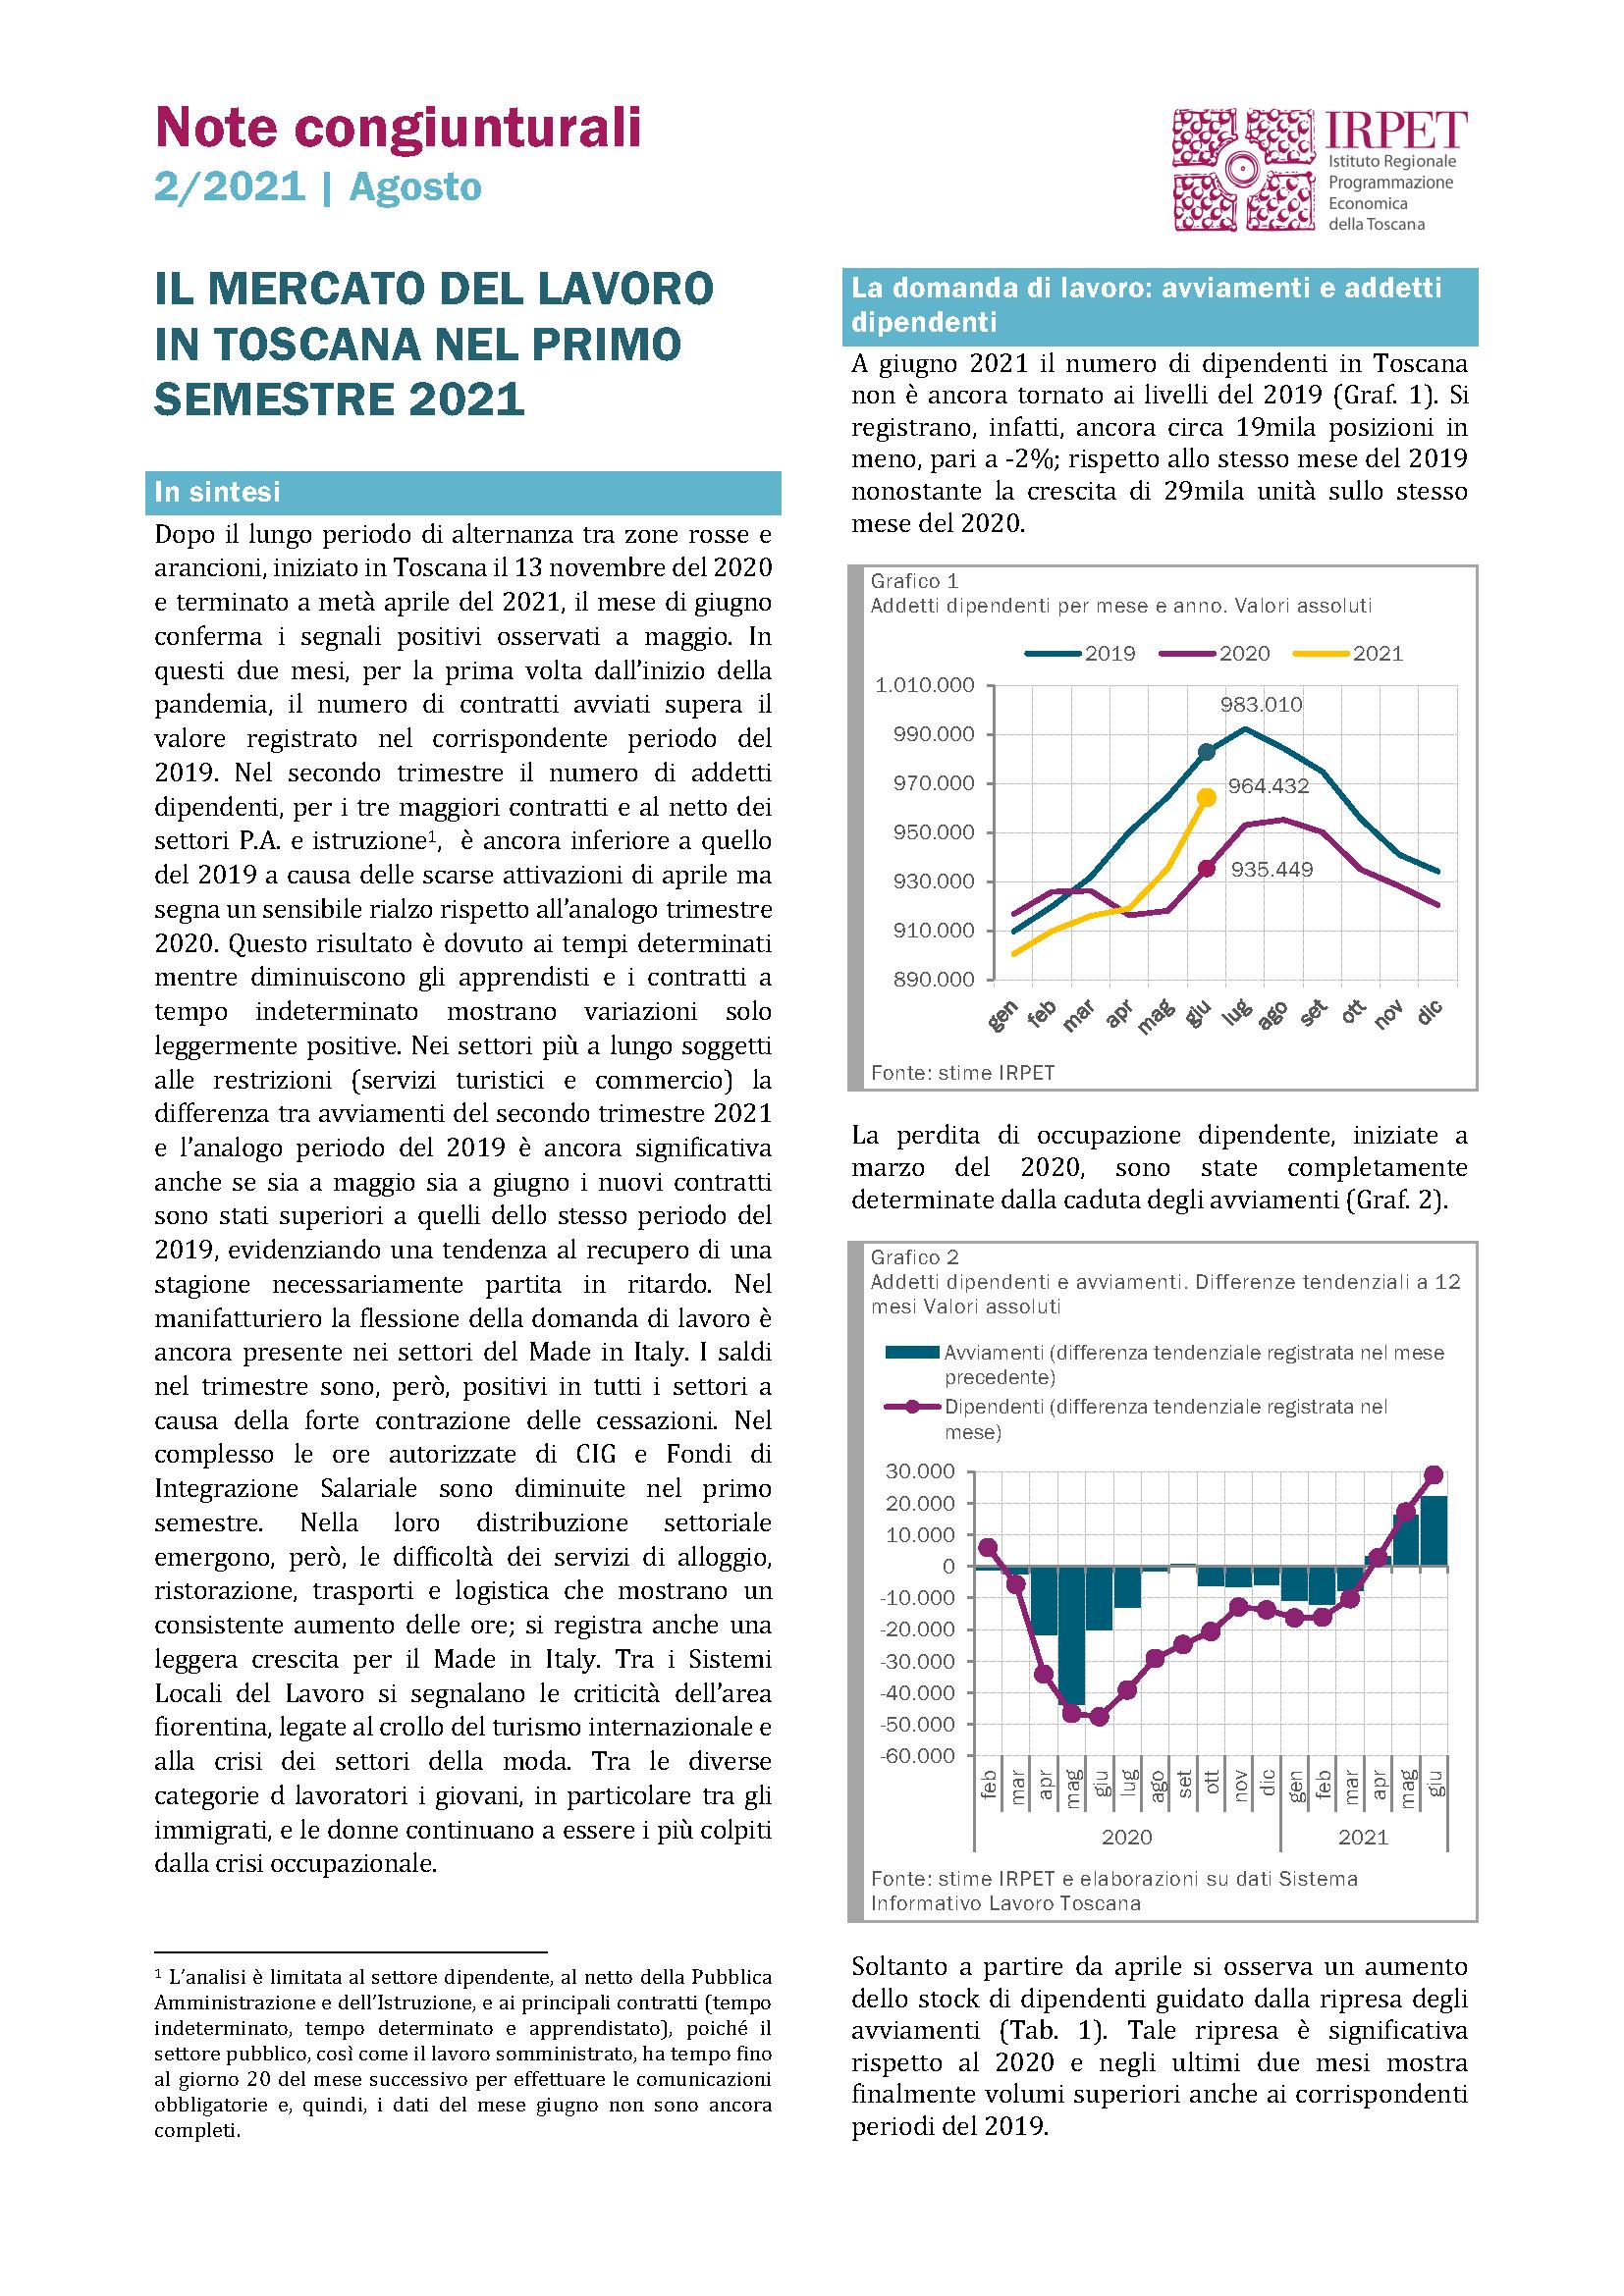 Nota congiunturale 2.2021 mercato_lavoro